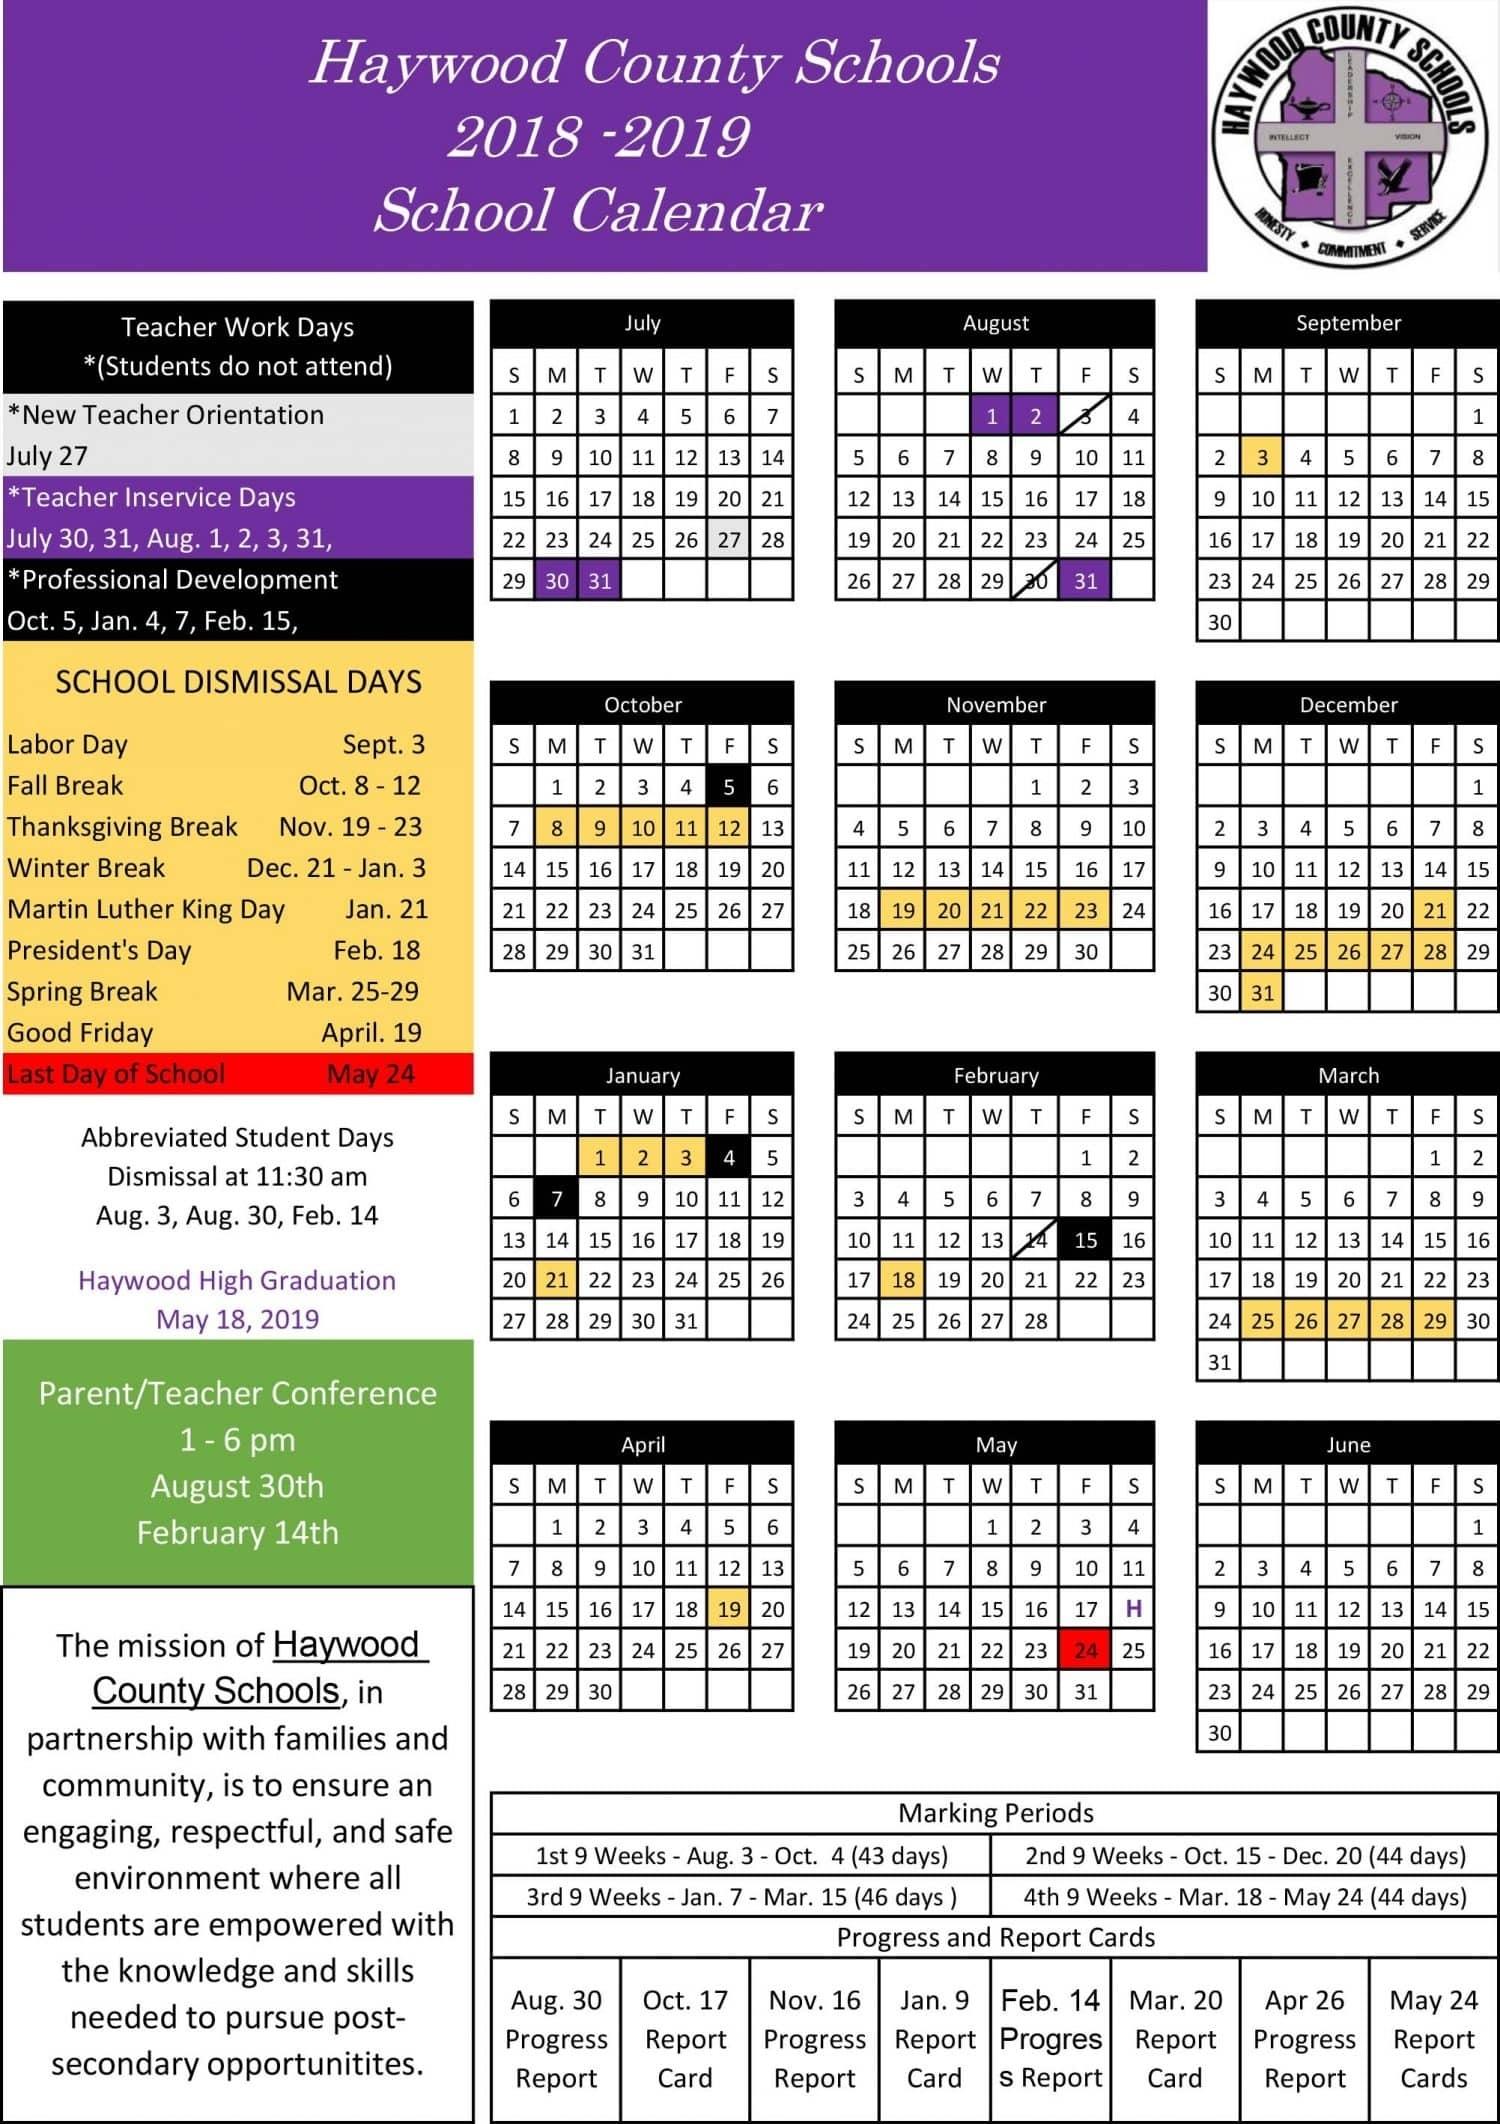 School Calendar | Haywood County Schools Perky Anderson 2 School Calendar